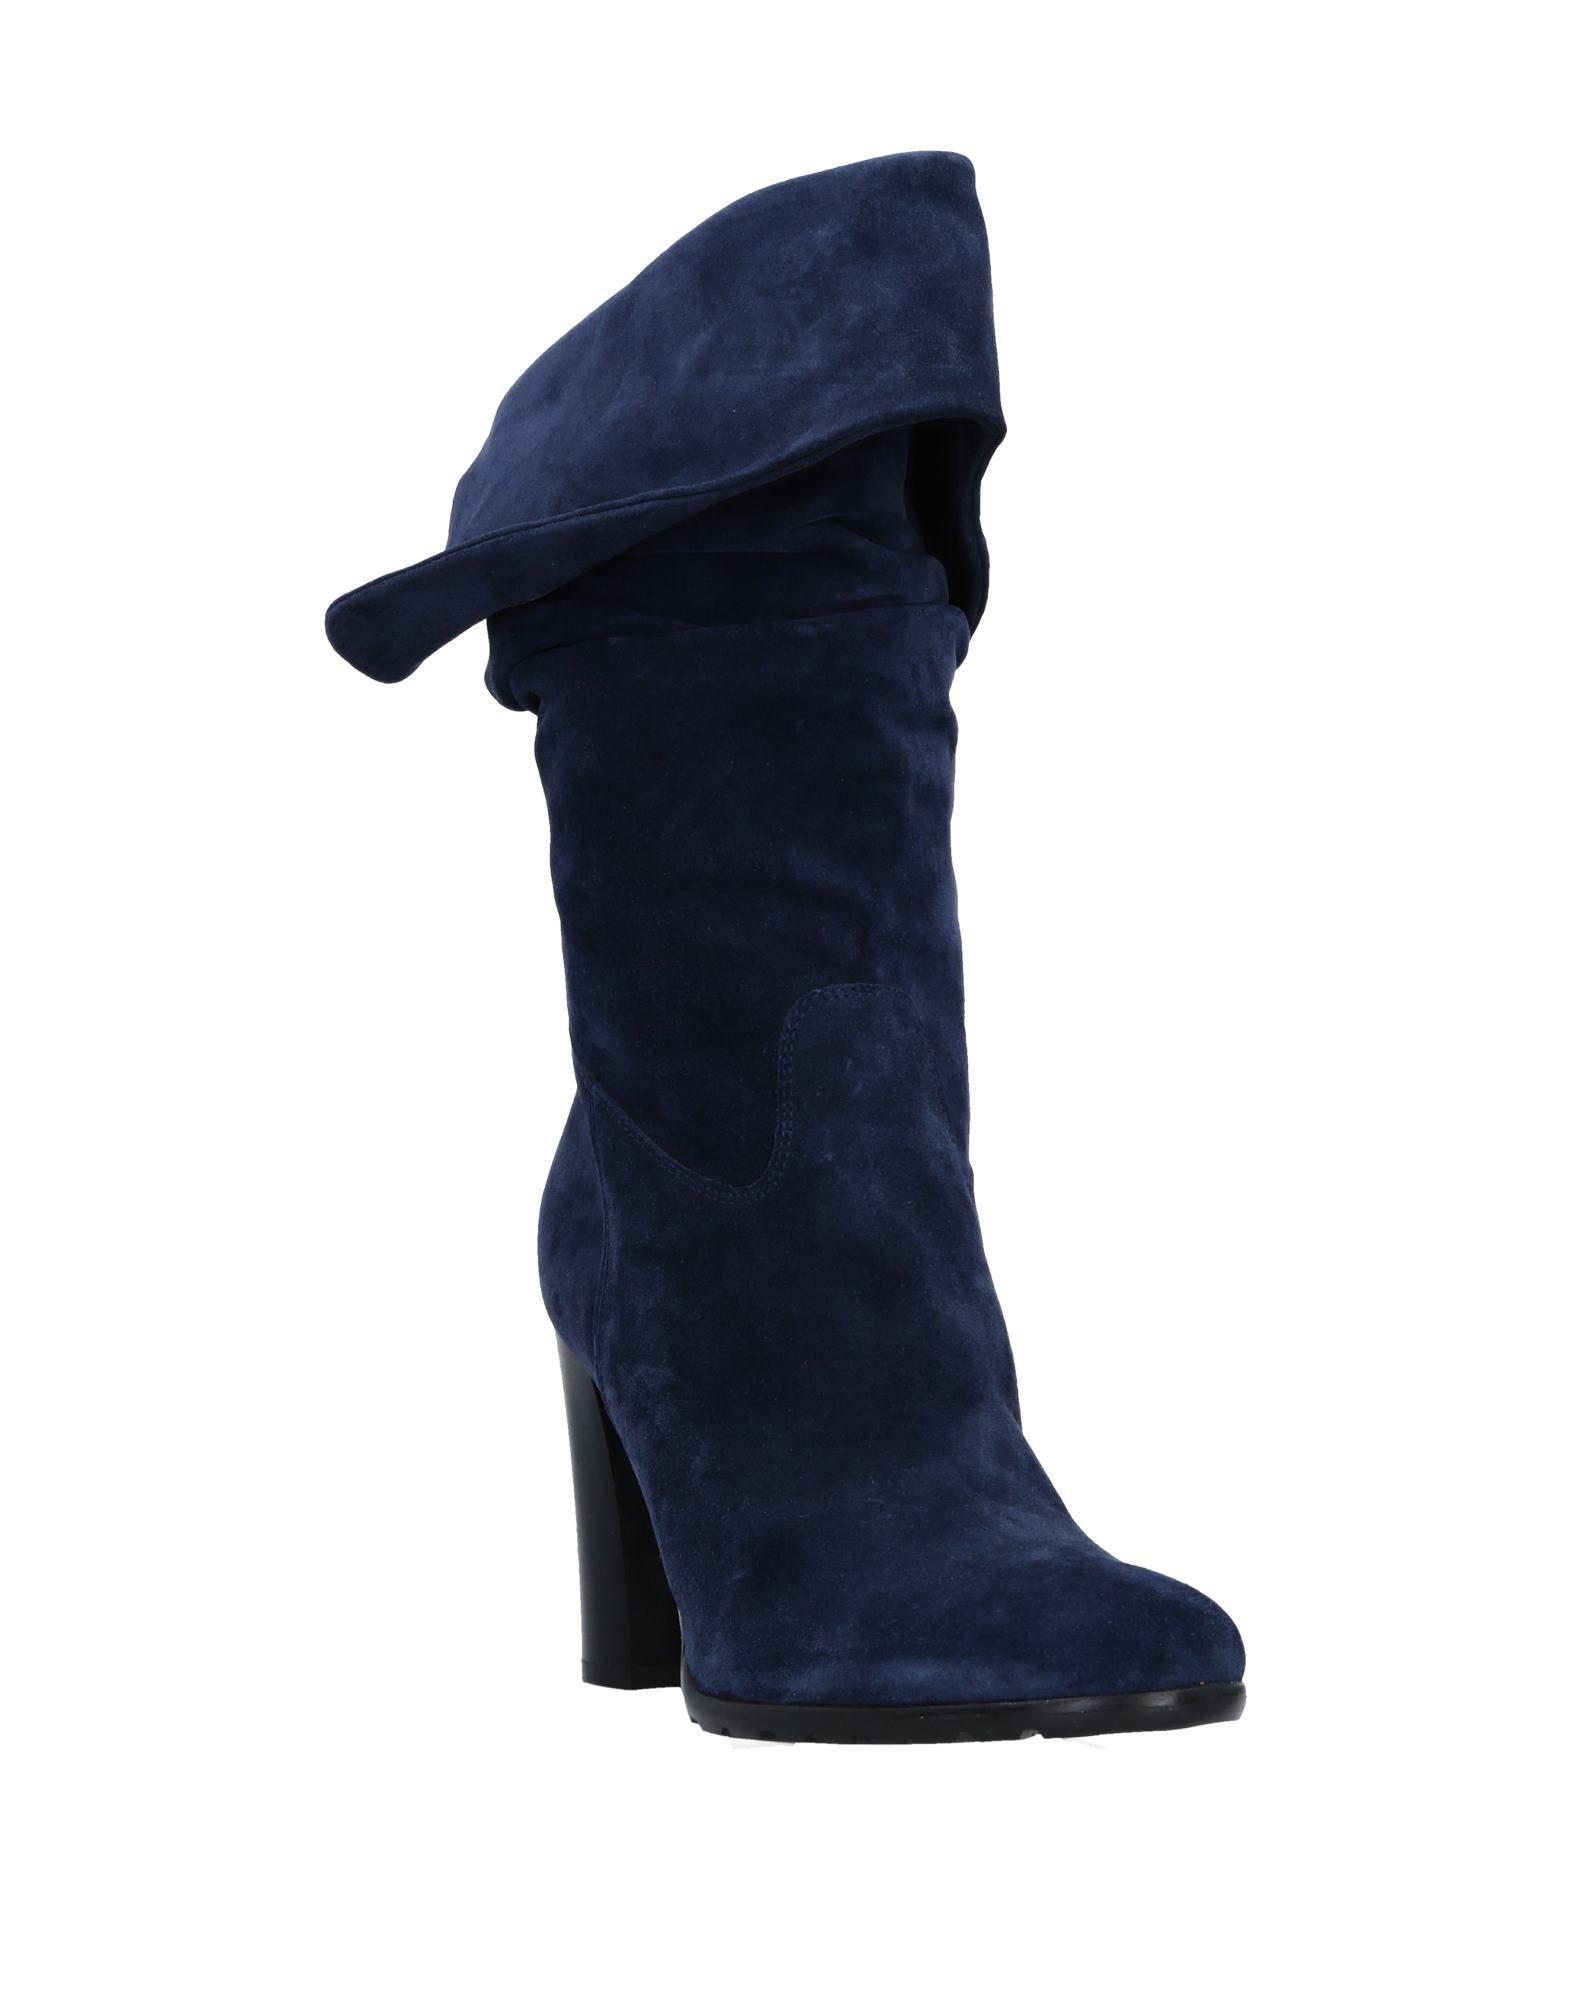 Stilvolle billige Schuhe Miss L 11525126IU Stiefelette Damen  11525126IU L 033dd8